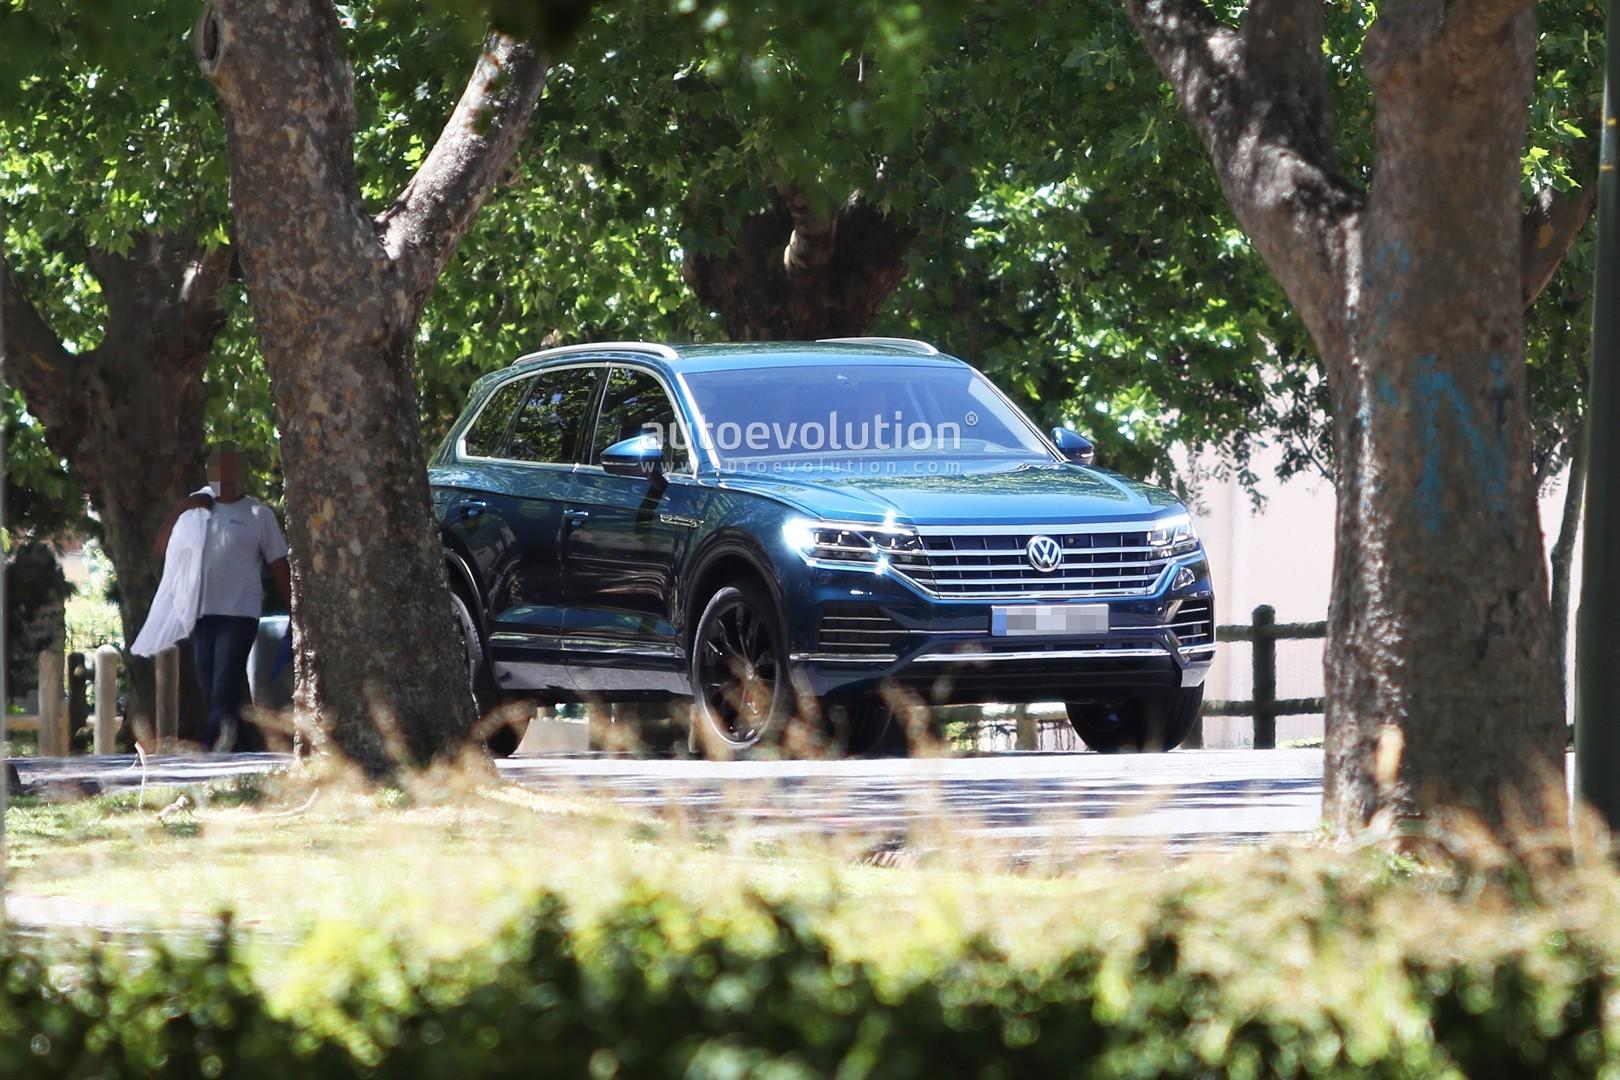 Volkswagen Touareg 2019, MUA BÁN XE Volkswagen Touareg 2019, ĐÁNH GIÁ XE Volkswagen Touareg 2019, GIÁ XE Volkswagen Touareg 2019, CHI TIẾT XE Volkswagen Touareg 2019, Volkswagen Touareg 2019 GIÁ BAO NHIÊU